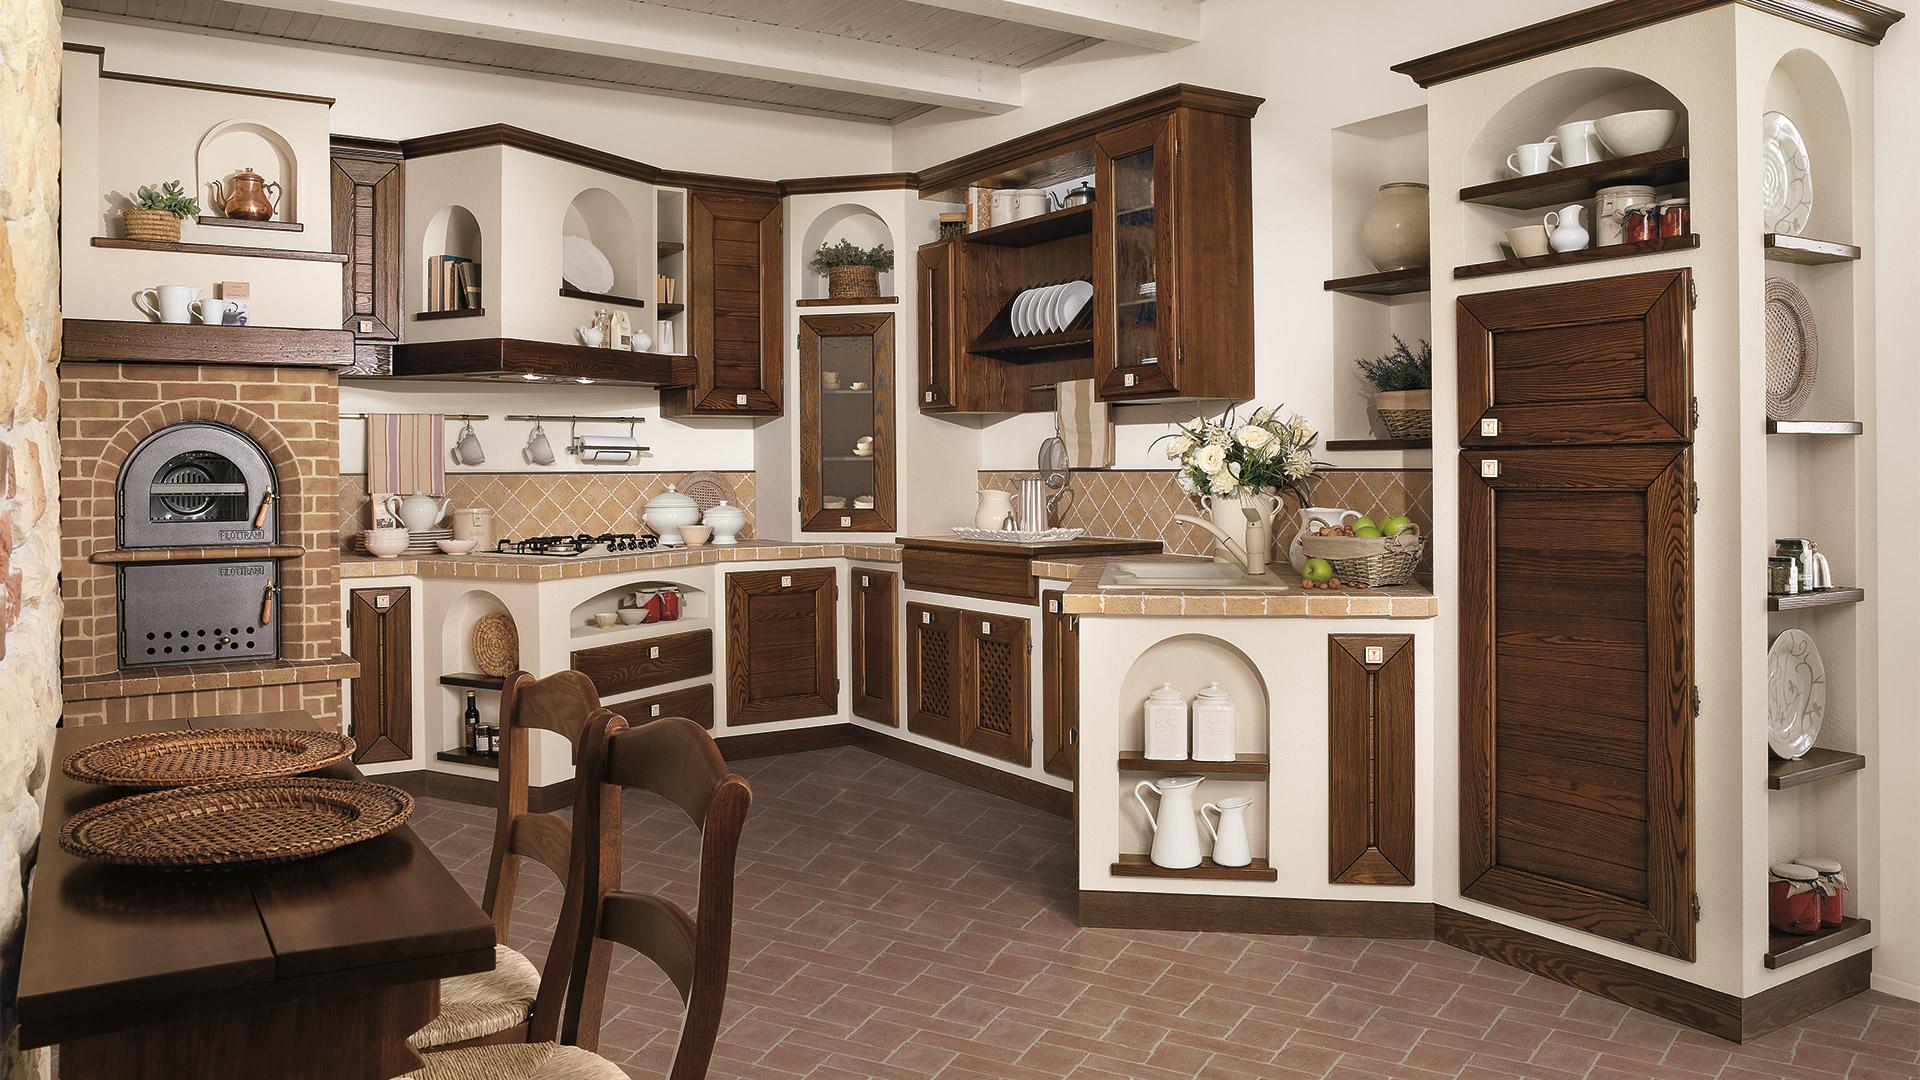 Cucina Luisa Lube Collazione Borgo Antico